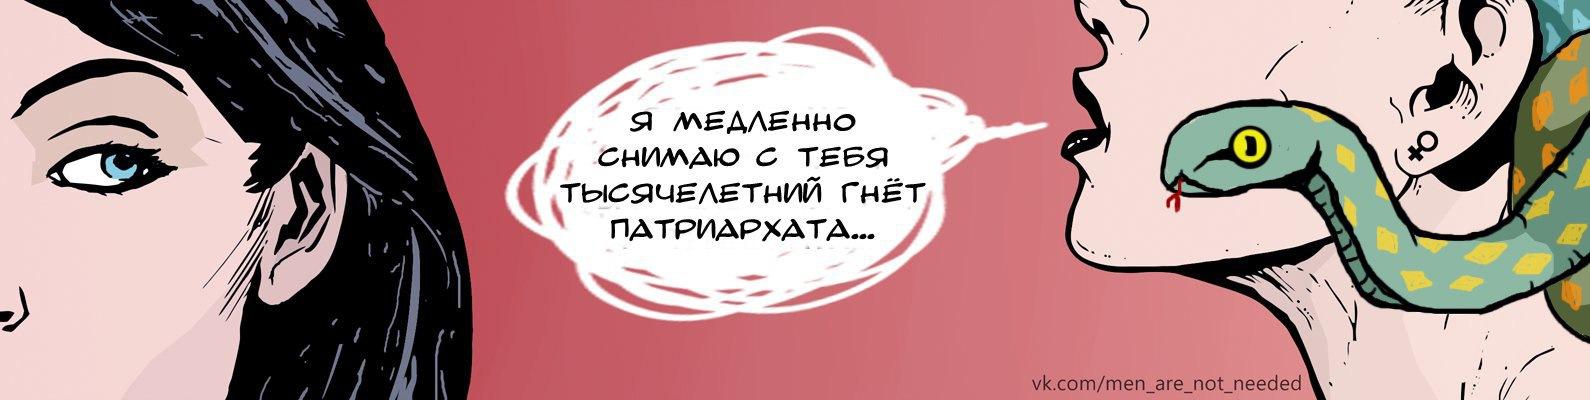 muzhik-viebal-parnya-smotret-vkontakte-putana-ryazan-hhh